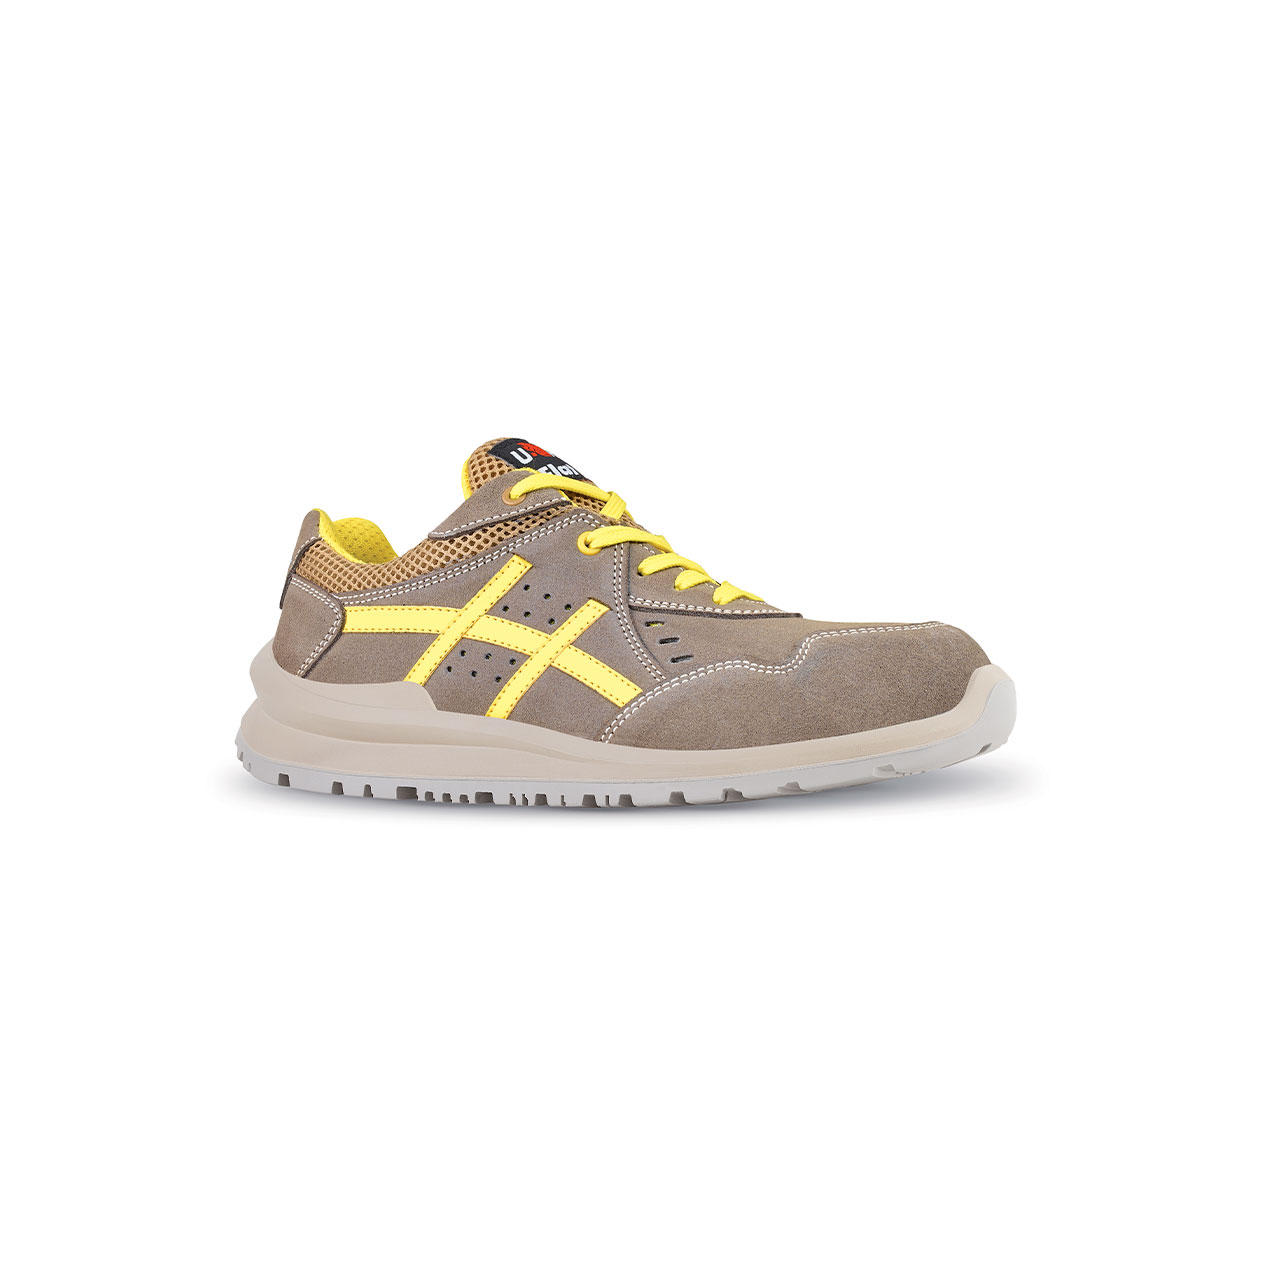 scarpa antinfortunistica upower modello michael linea flatout vista laterale